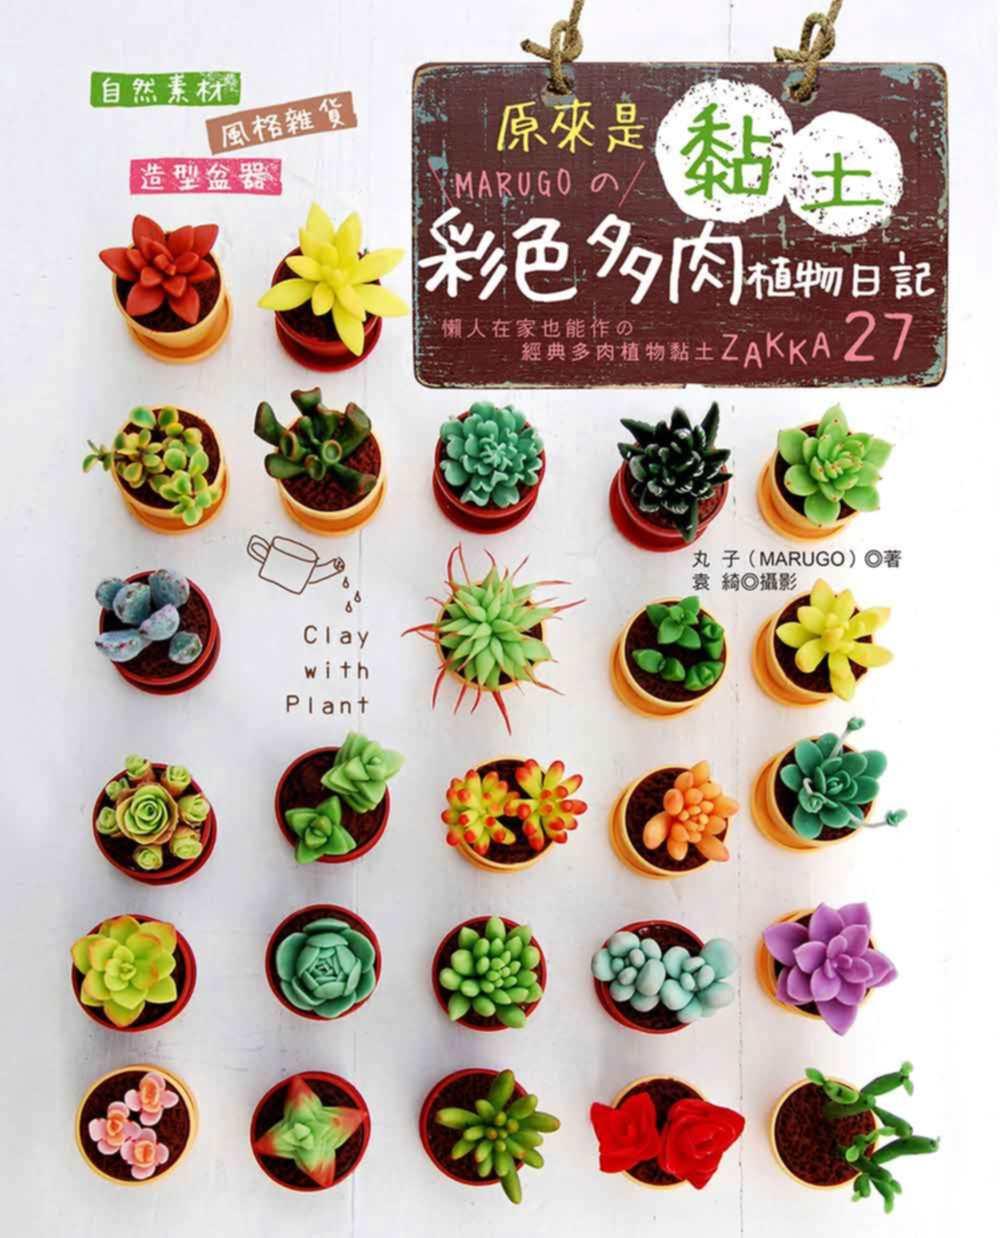 原來是黏土!MARUGOの彩色多肉植物日記:自然素材.風格雜貨. 盆器 懶人在家也能作の 多肉植物黏土ZAKKA.27